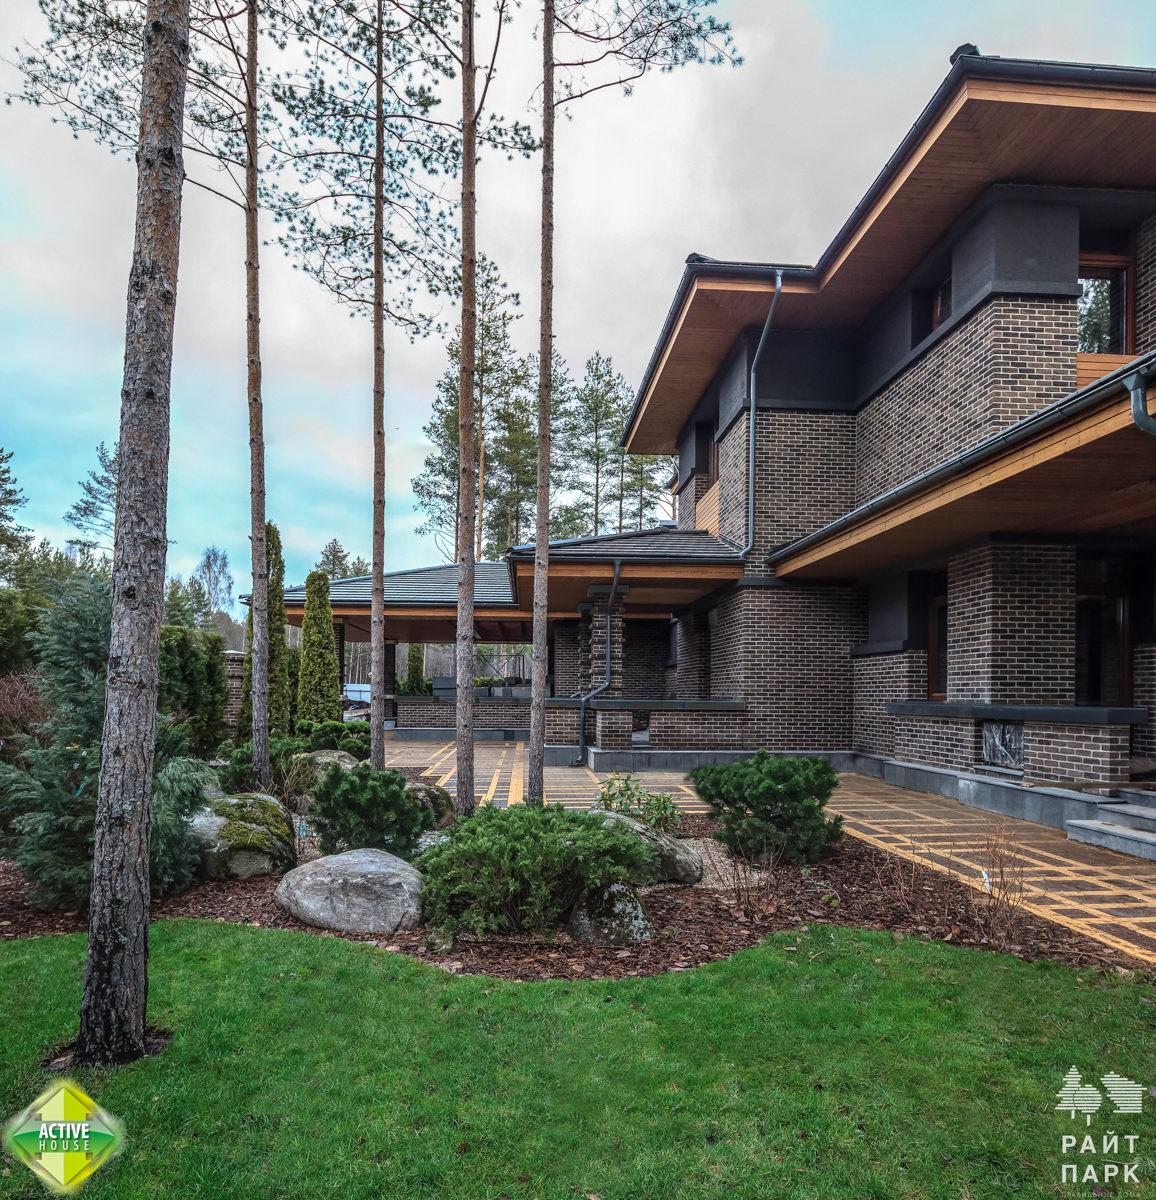 Купить дом деревня Гаврилково: - продажа домов в Москве на